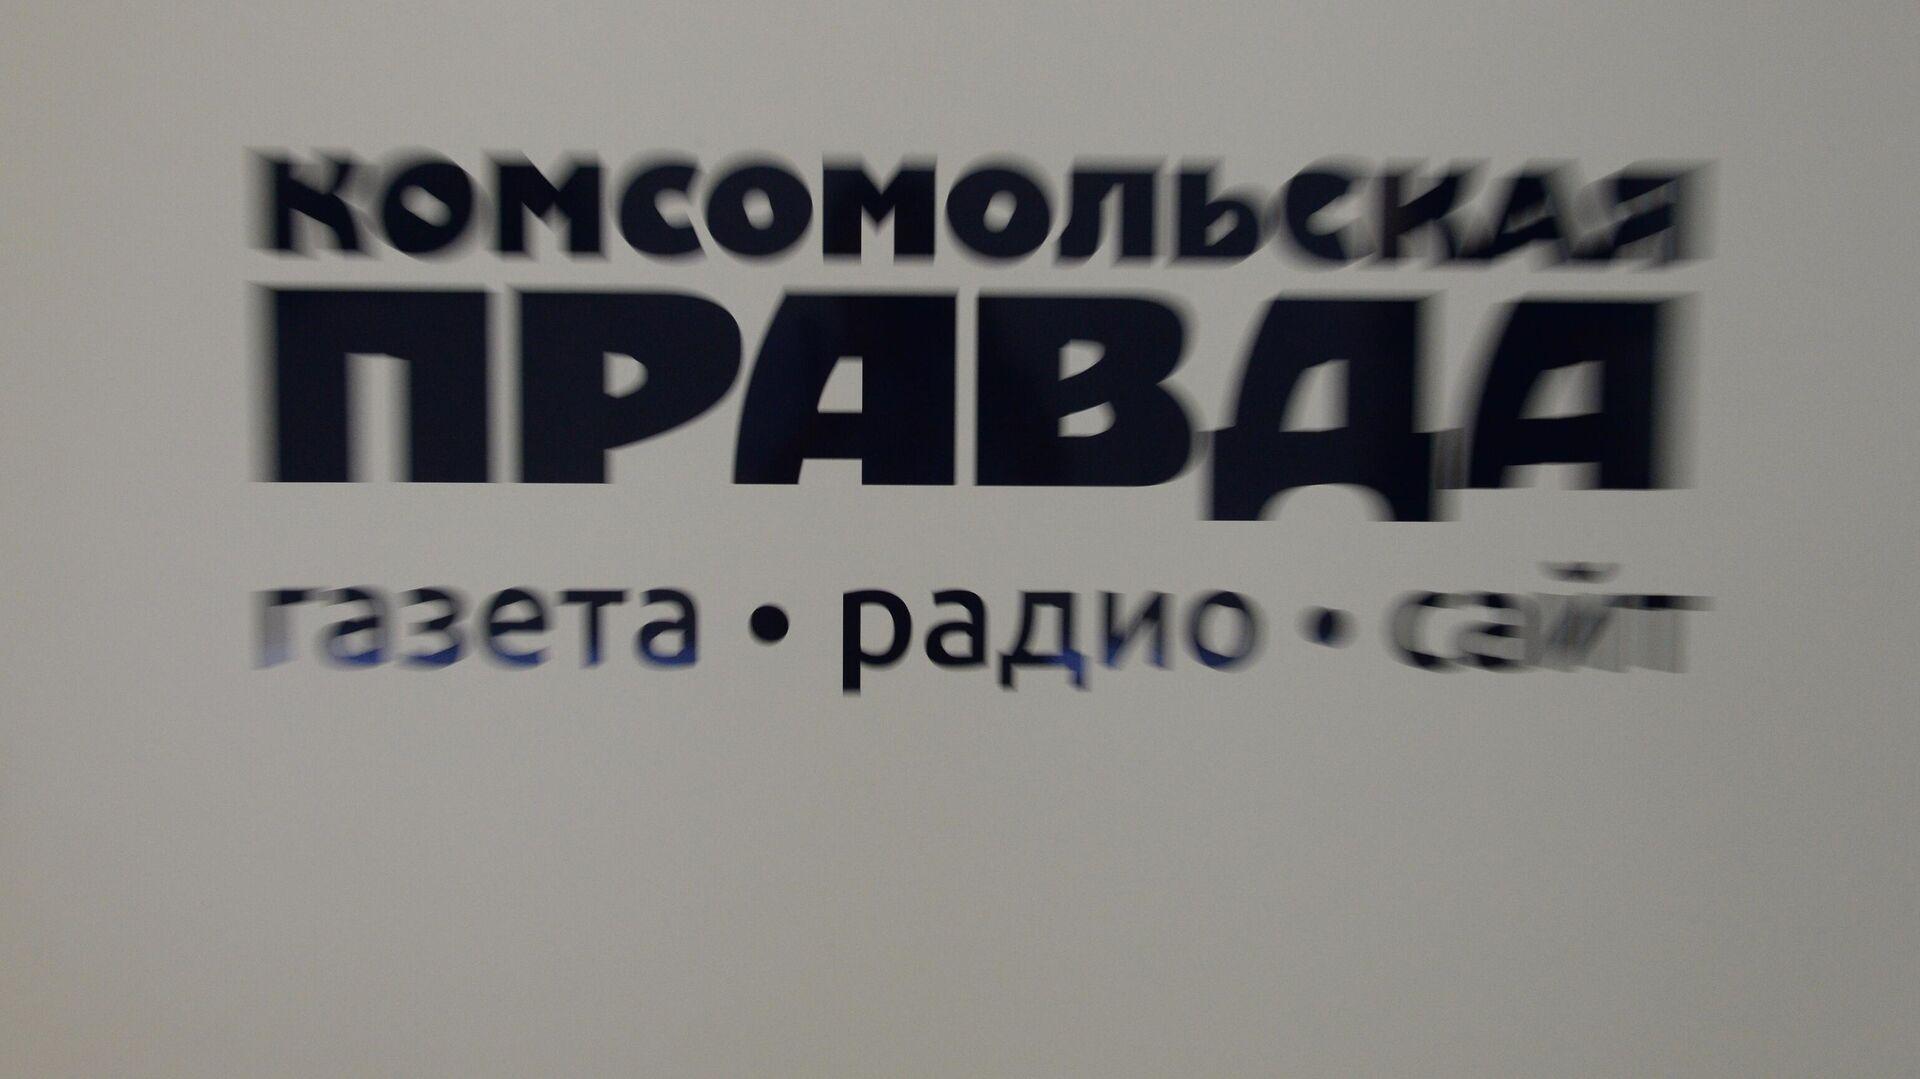 Логотип Комсомольской правды - Sputnik Грузия, 1920, 06.10.2021